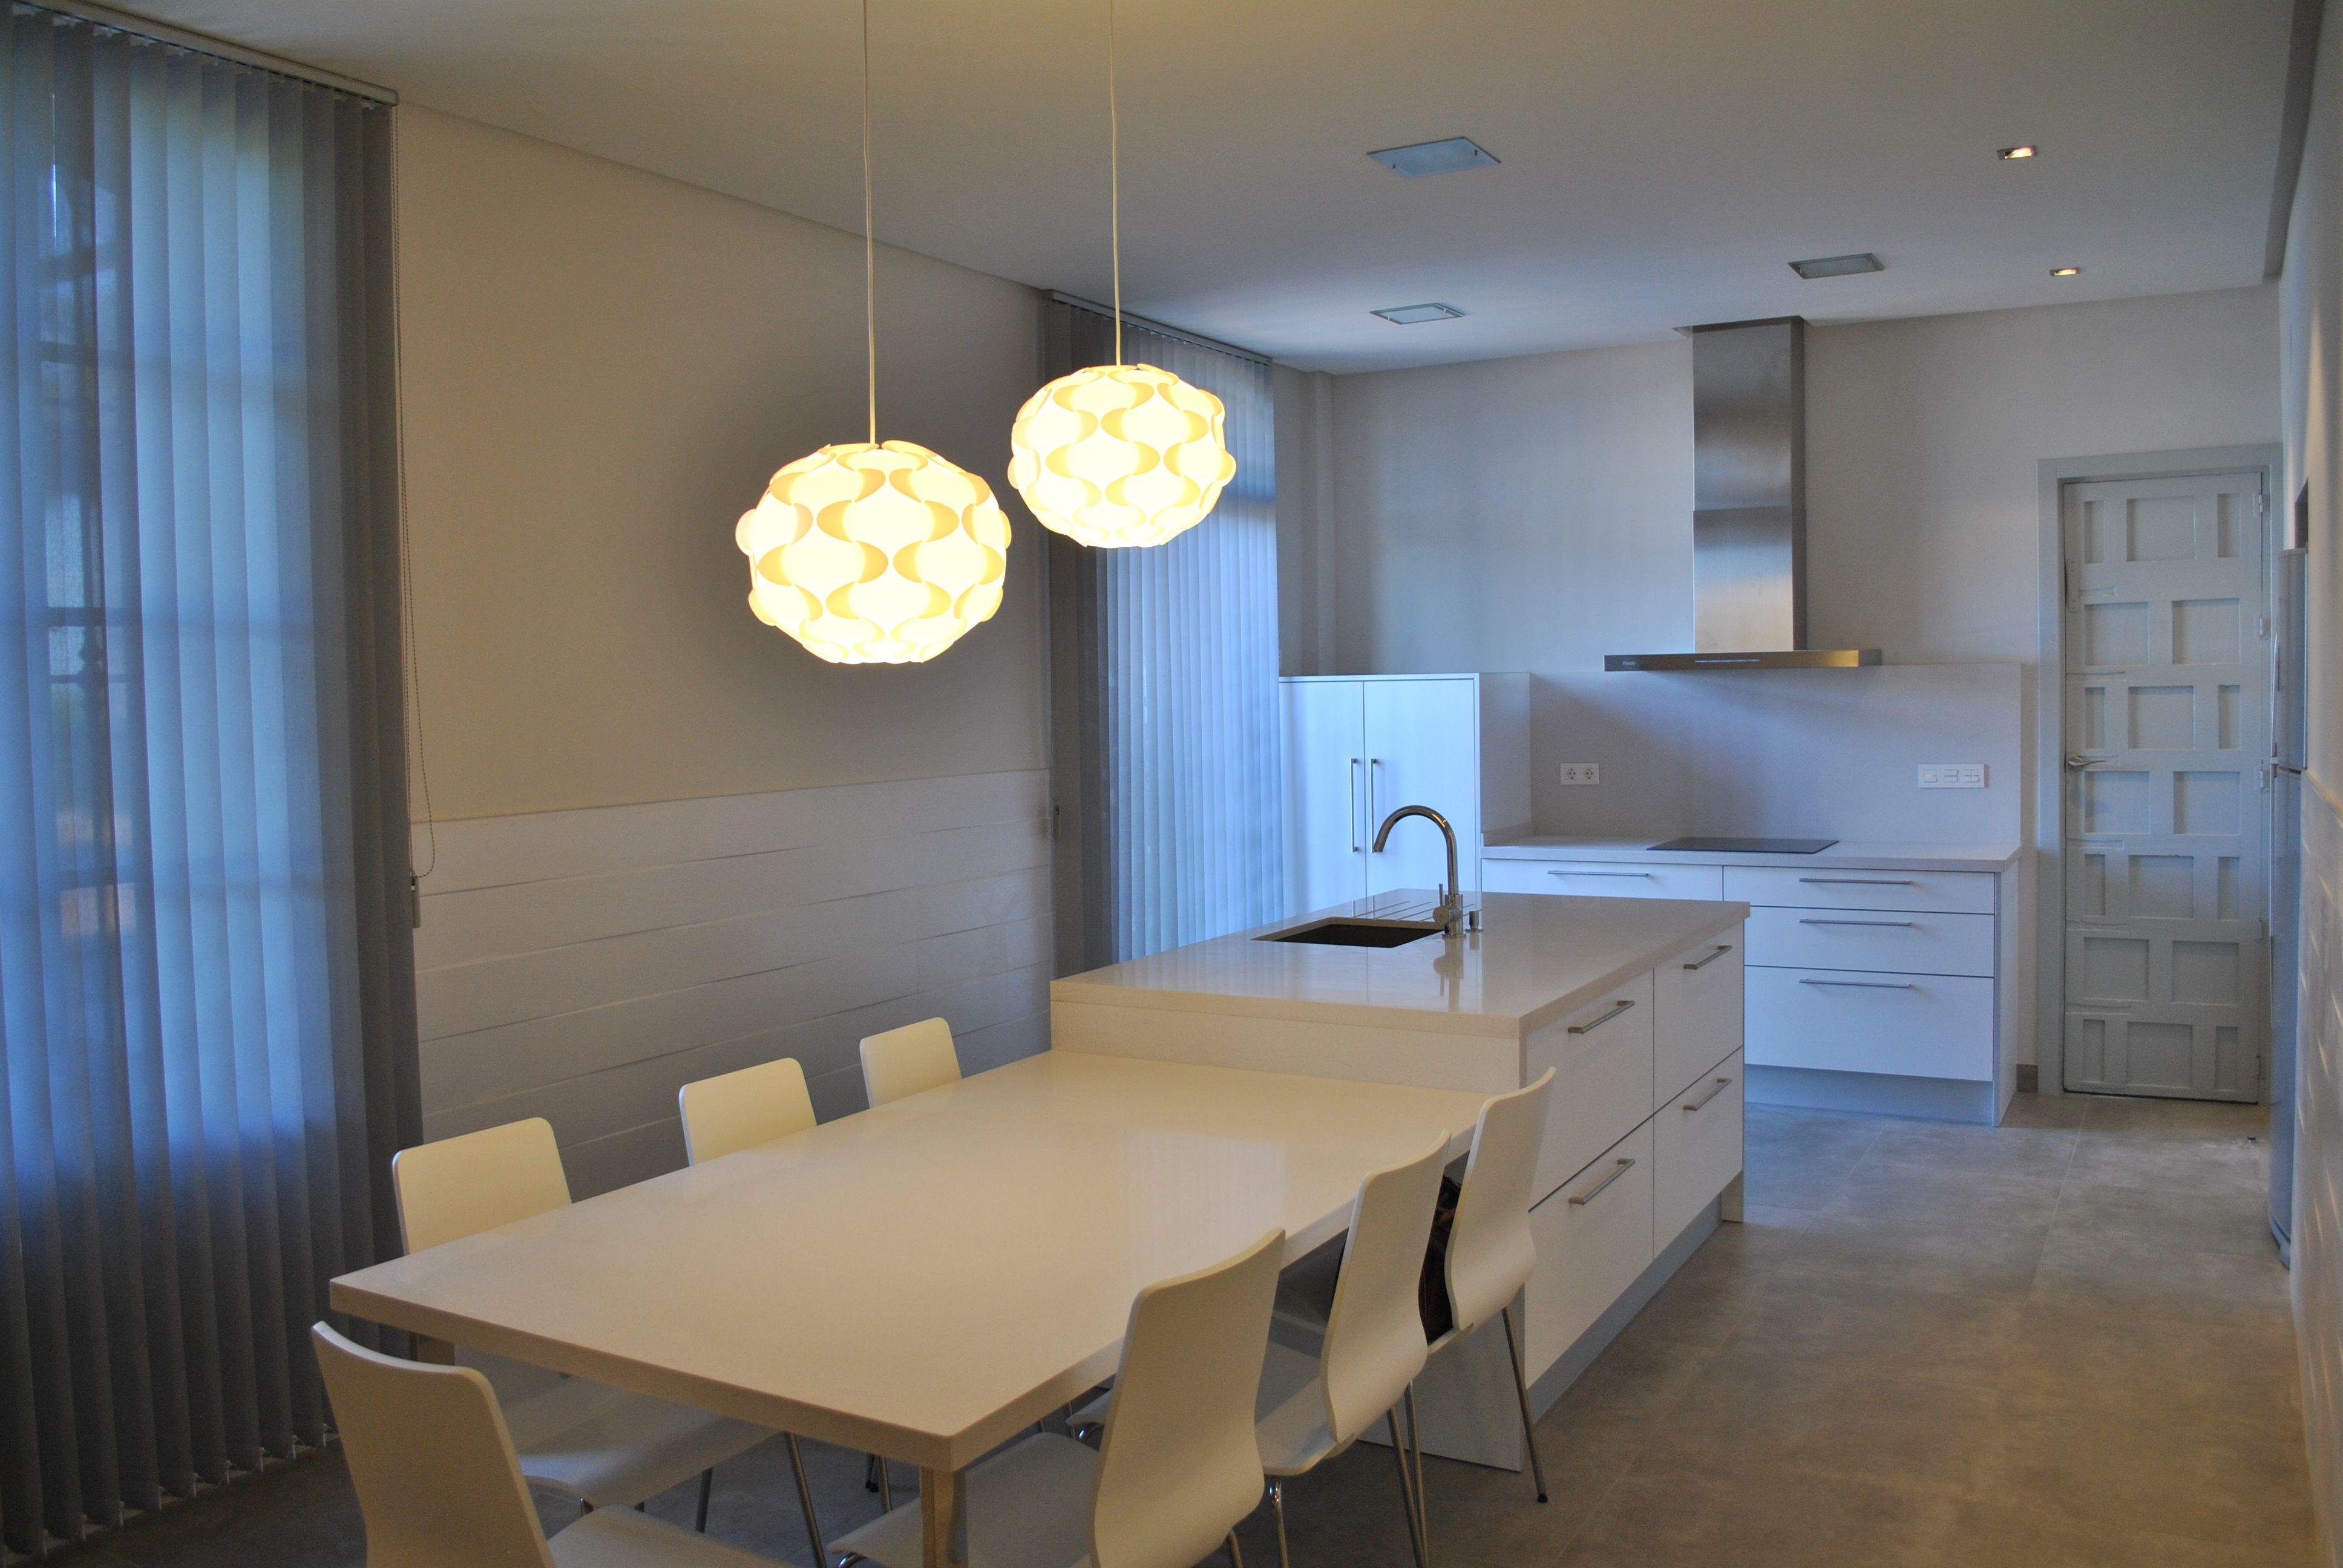 Cocina office con mesa adosada a isla | Proyectos que intentar ...